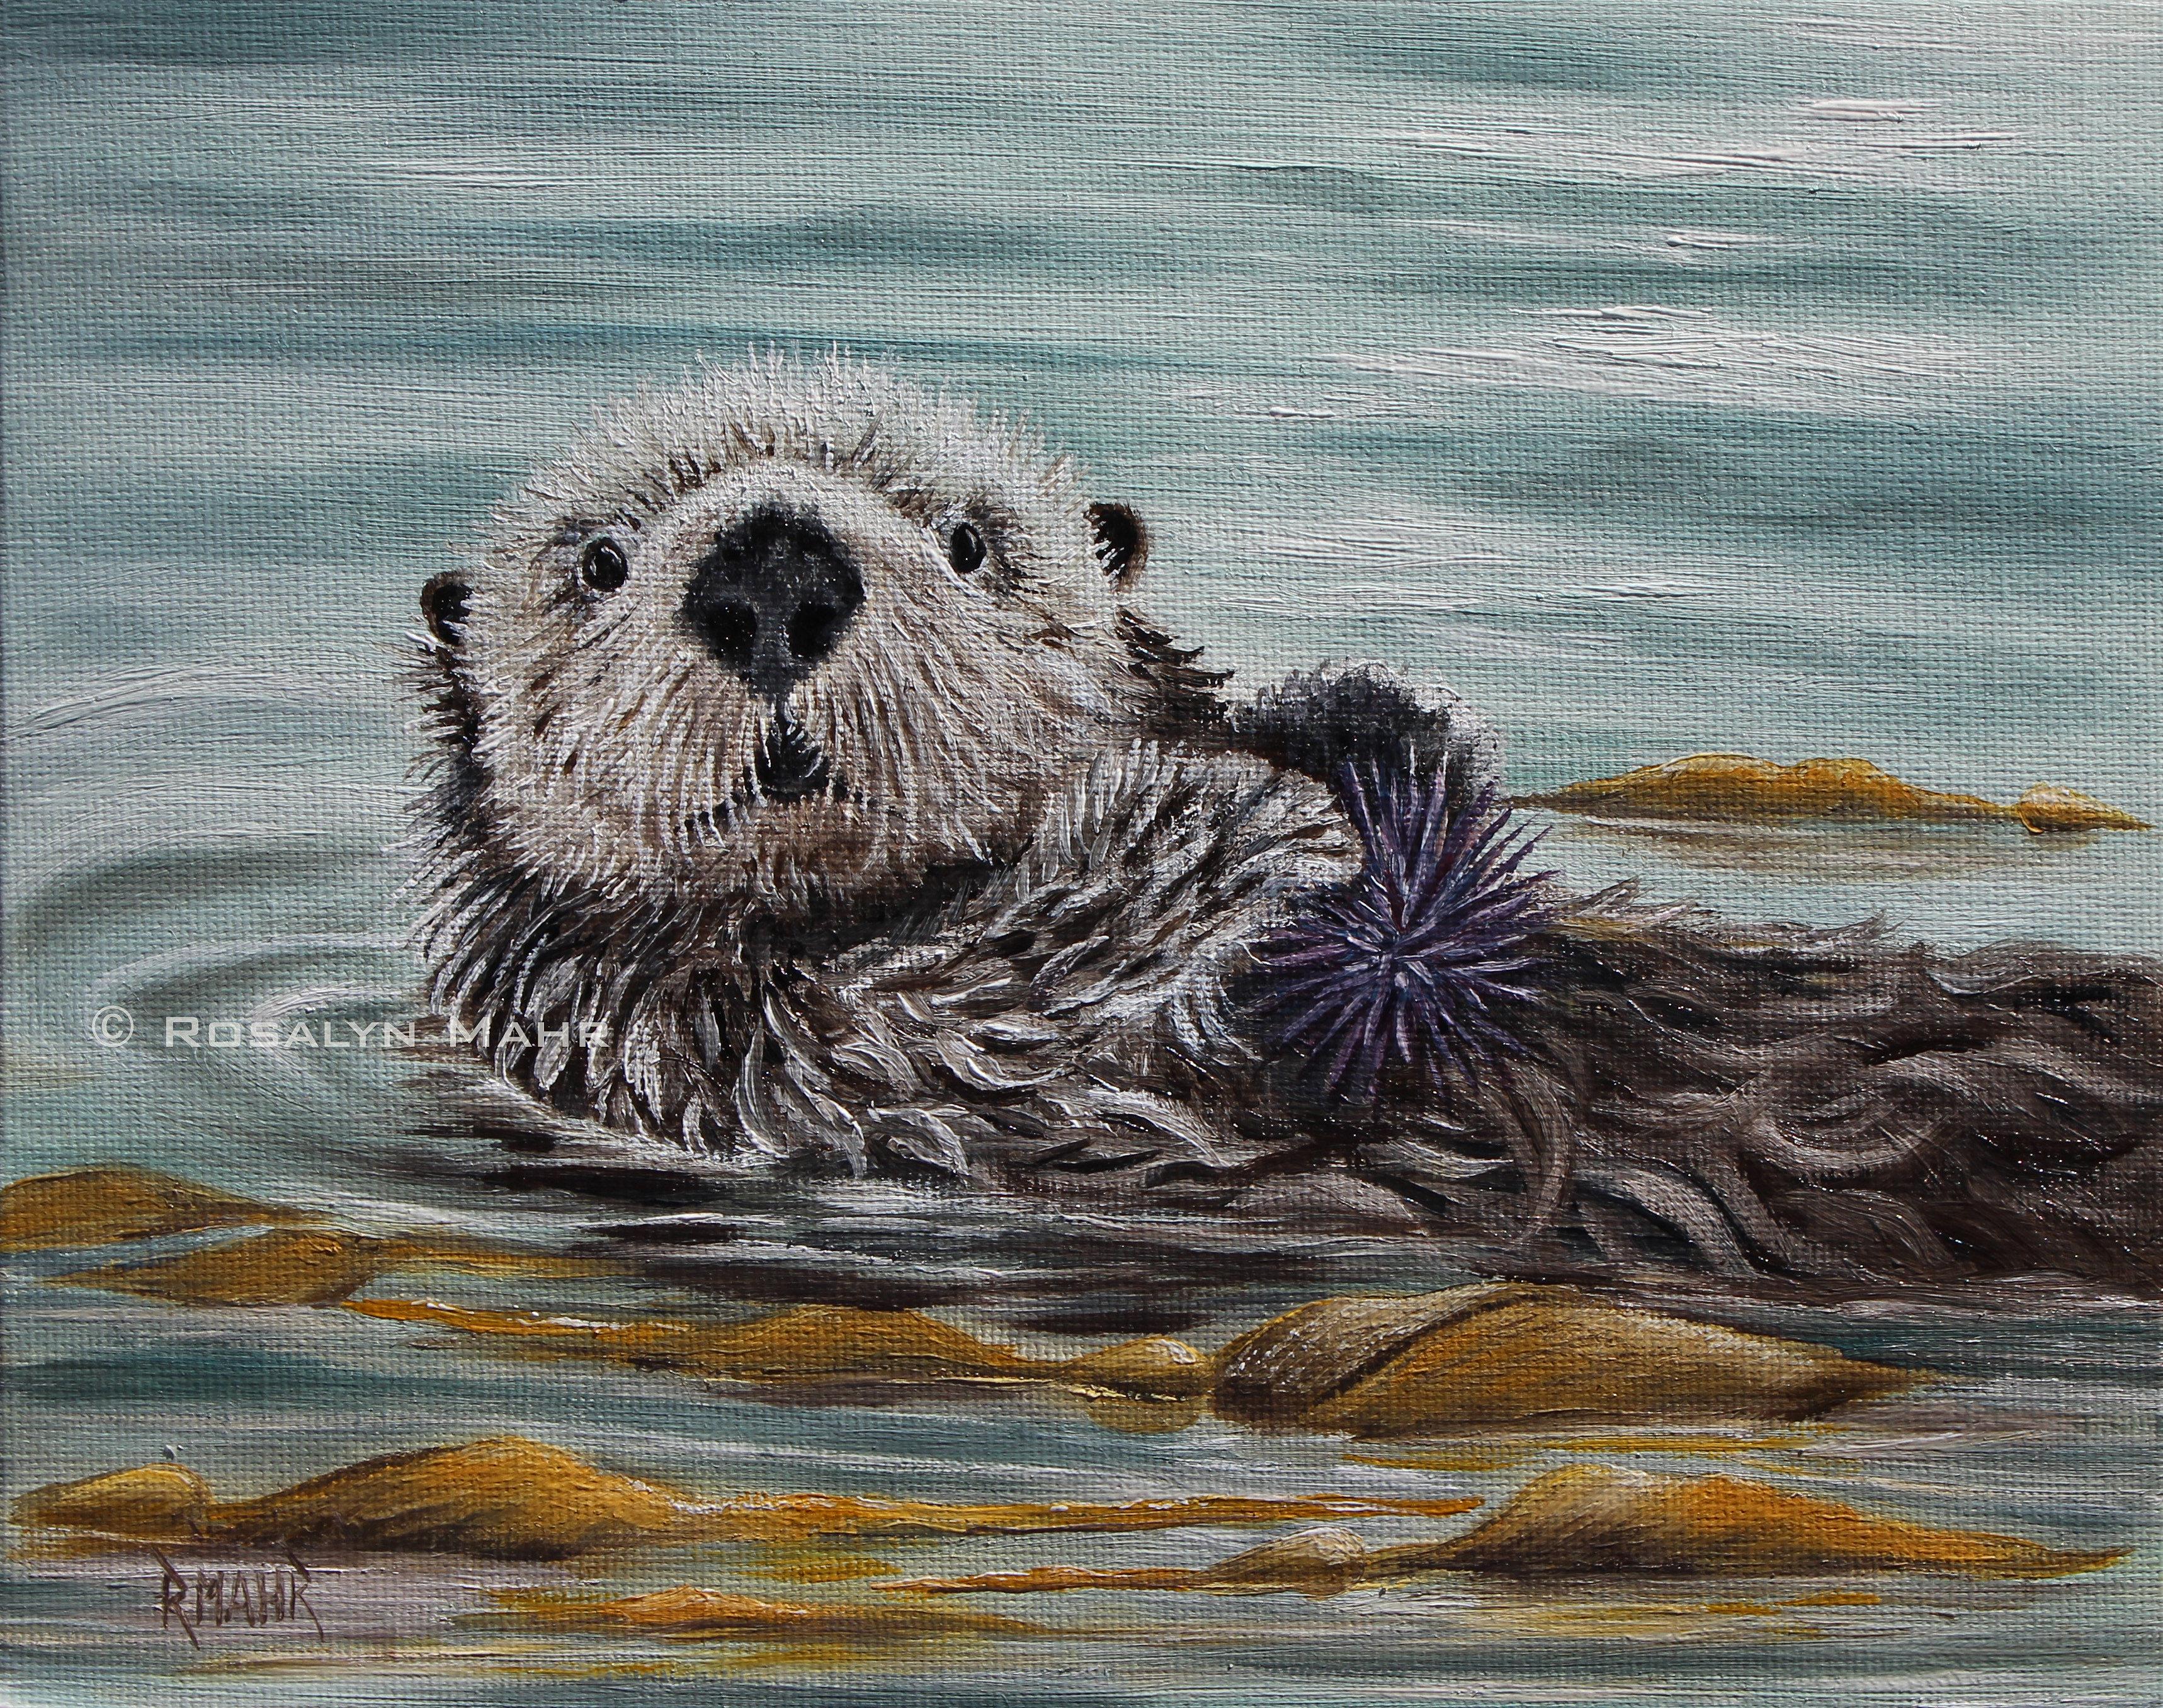 Artbyrosalynmahr Sea Otter